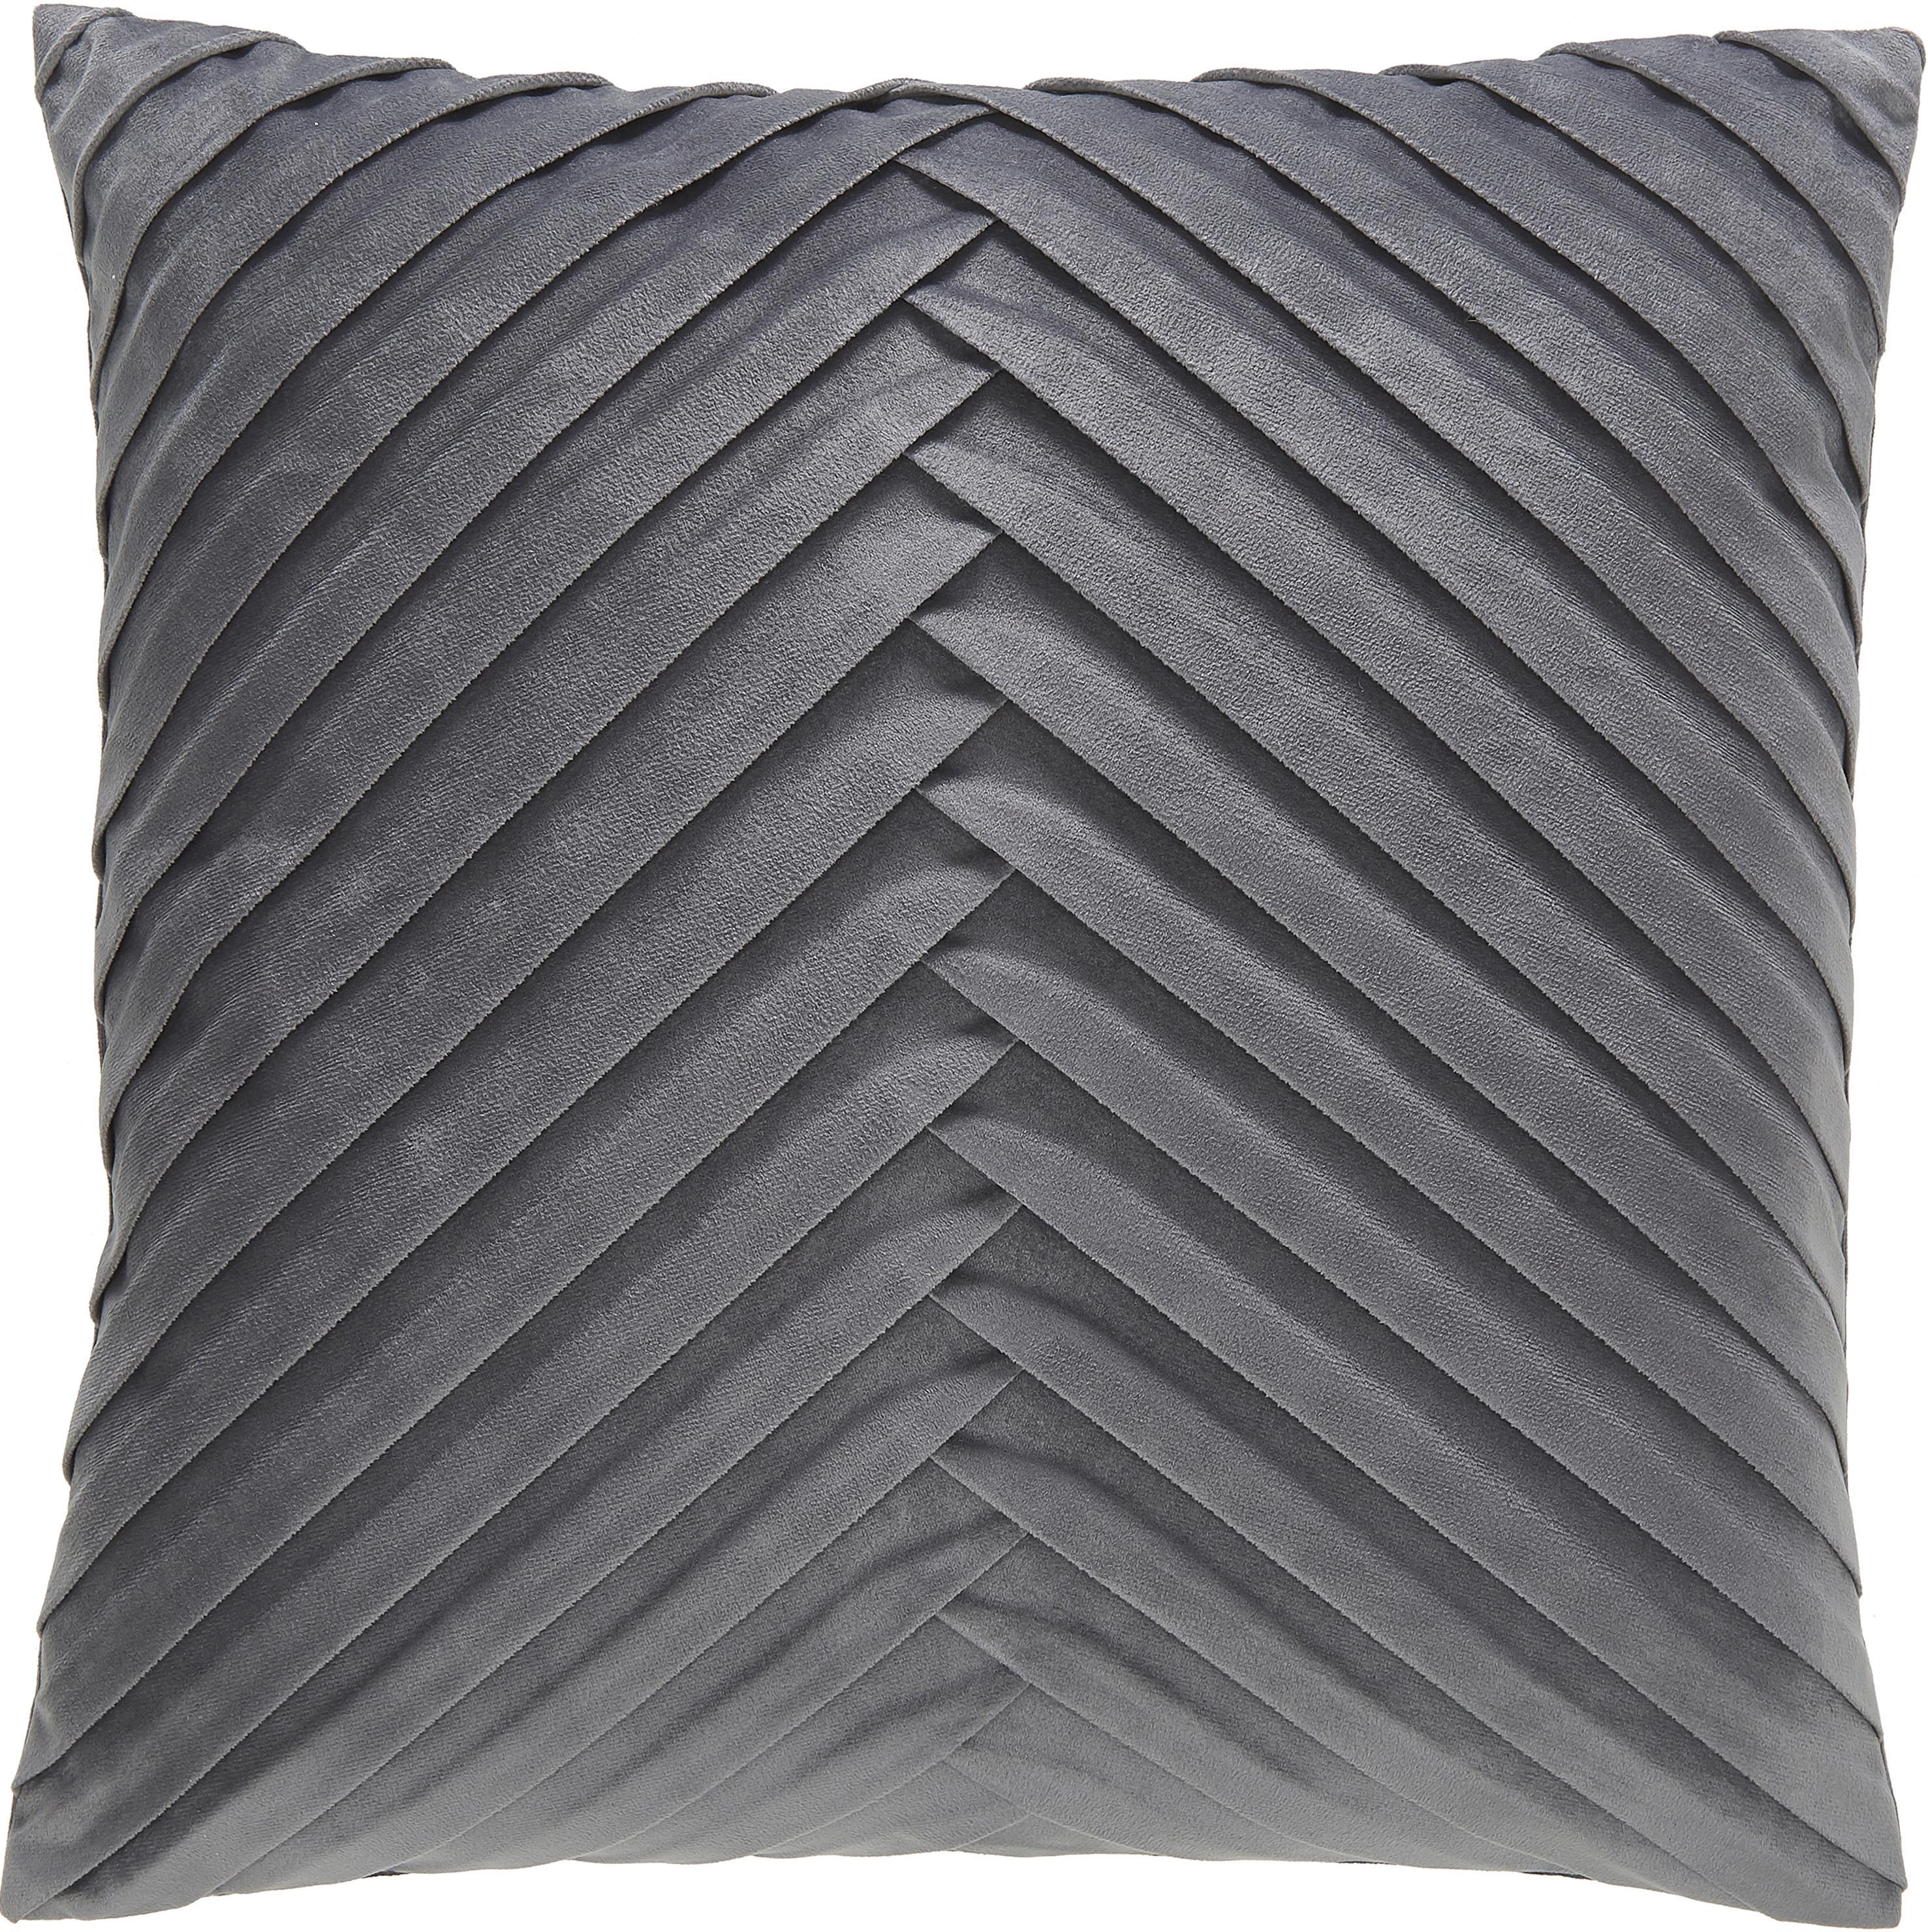 Samt-Kissenhülle Lucie mit Struktur-Oberfläche, 100% Samt (Polyester), Dunkelgrau, 45 x 45 cm